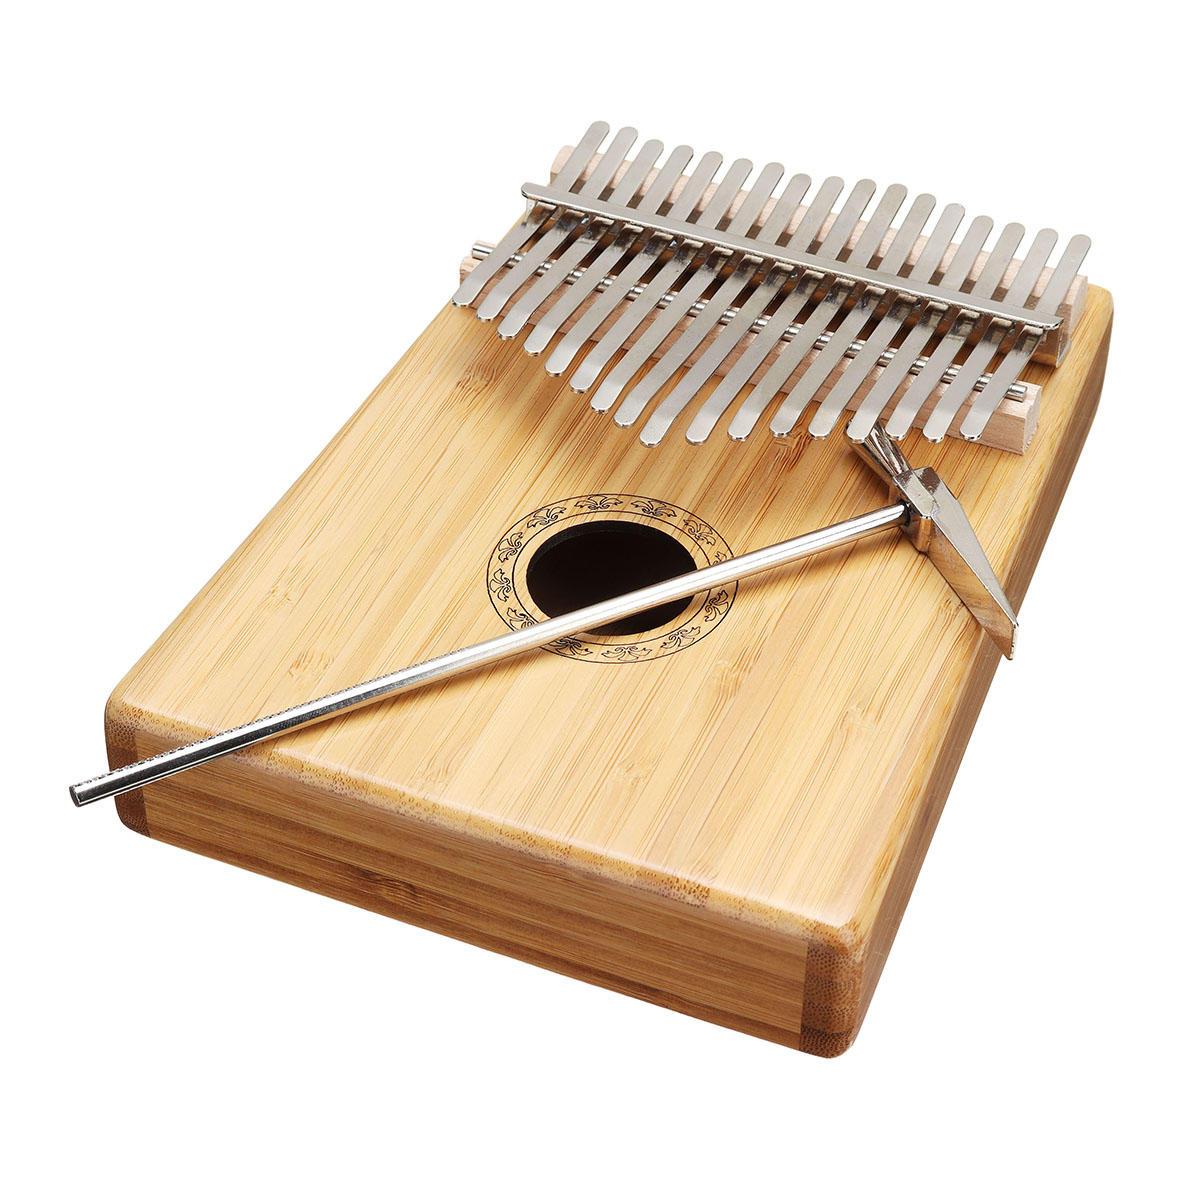 ट्यूनिंग Hammer के साथ 17 कीज़ बम्बू थम्ब पियानो फिंगर पर्क्यूशन कलिम्बा